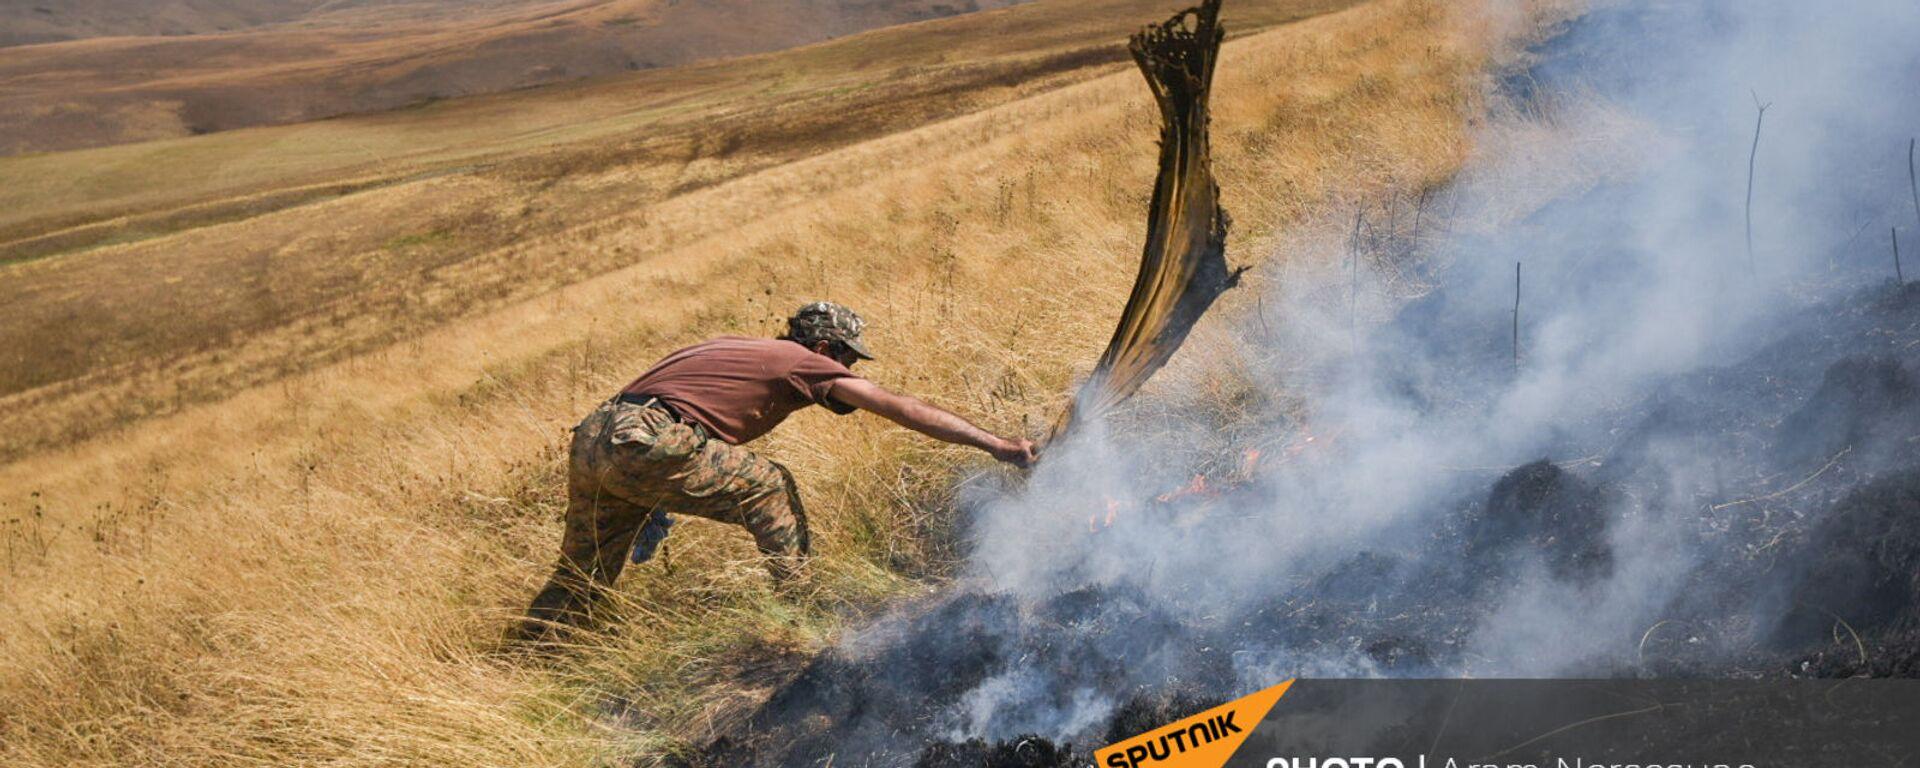 Житель приграничного села Кут во время борьбы с огнем - Sputnik Армения, 1920, 02.09.2021